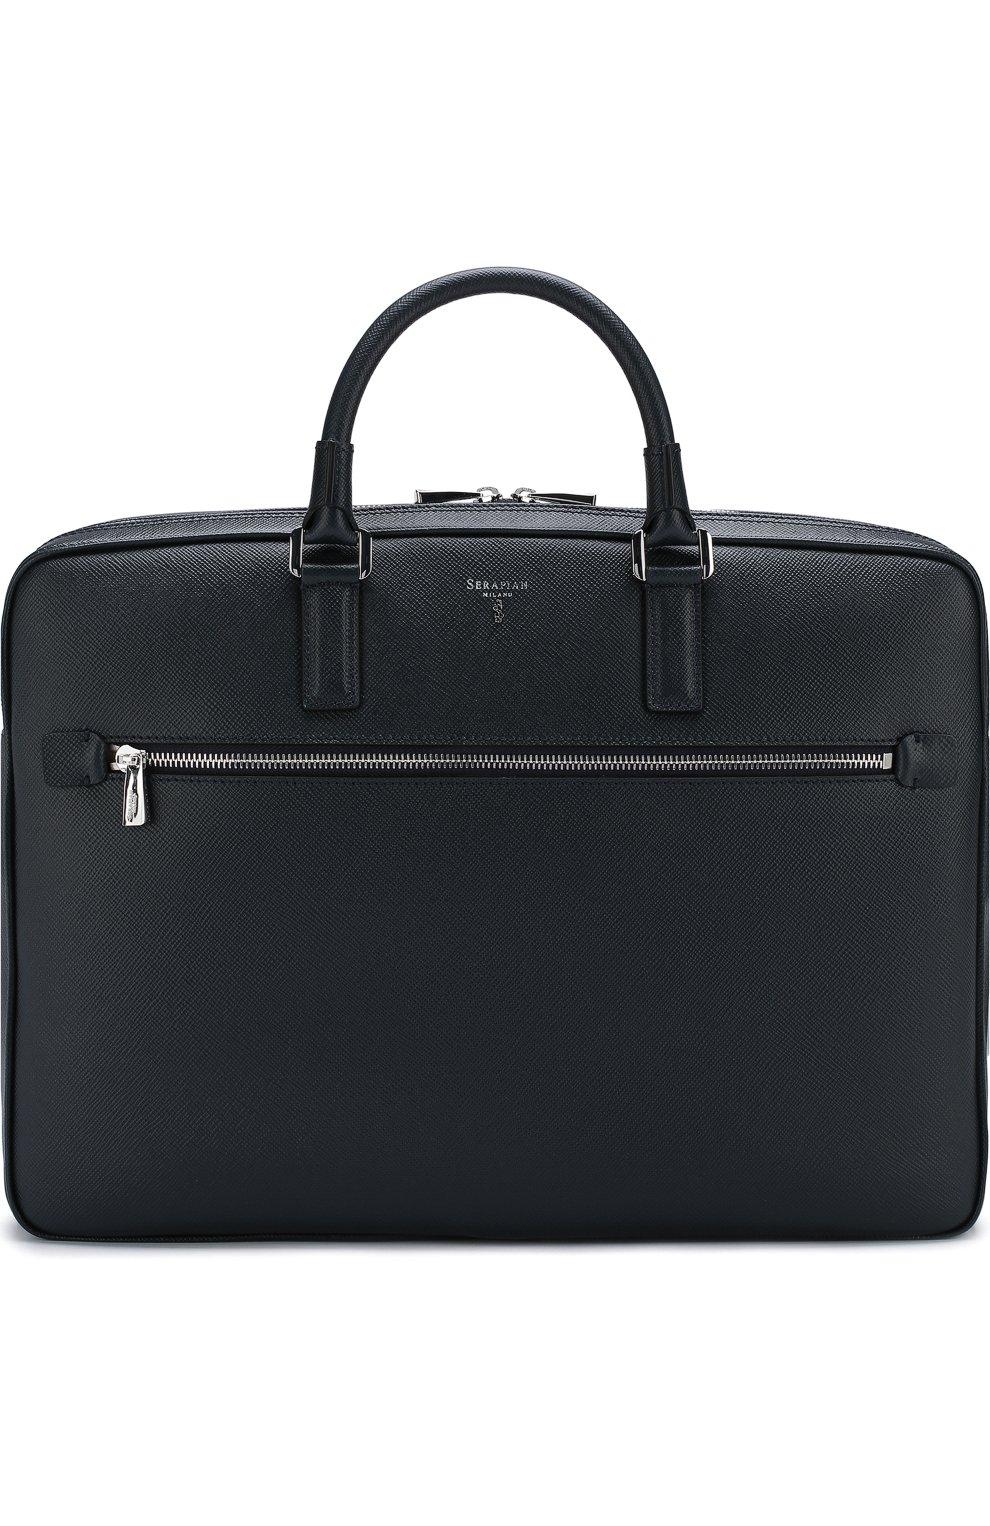 Кожаная сумка для ноутбука Evoluzione с плечевым ремнем   Фото №1